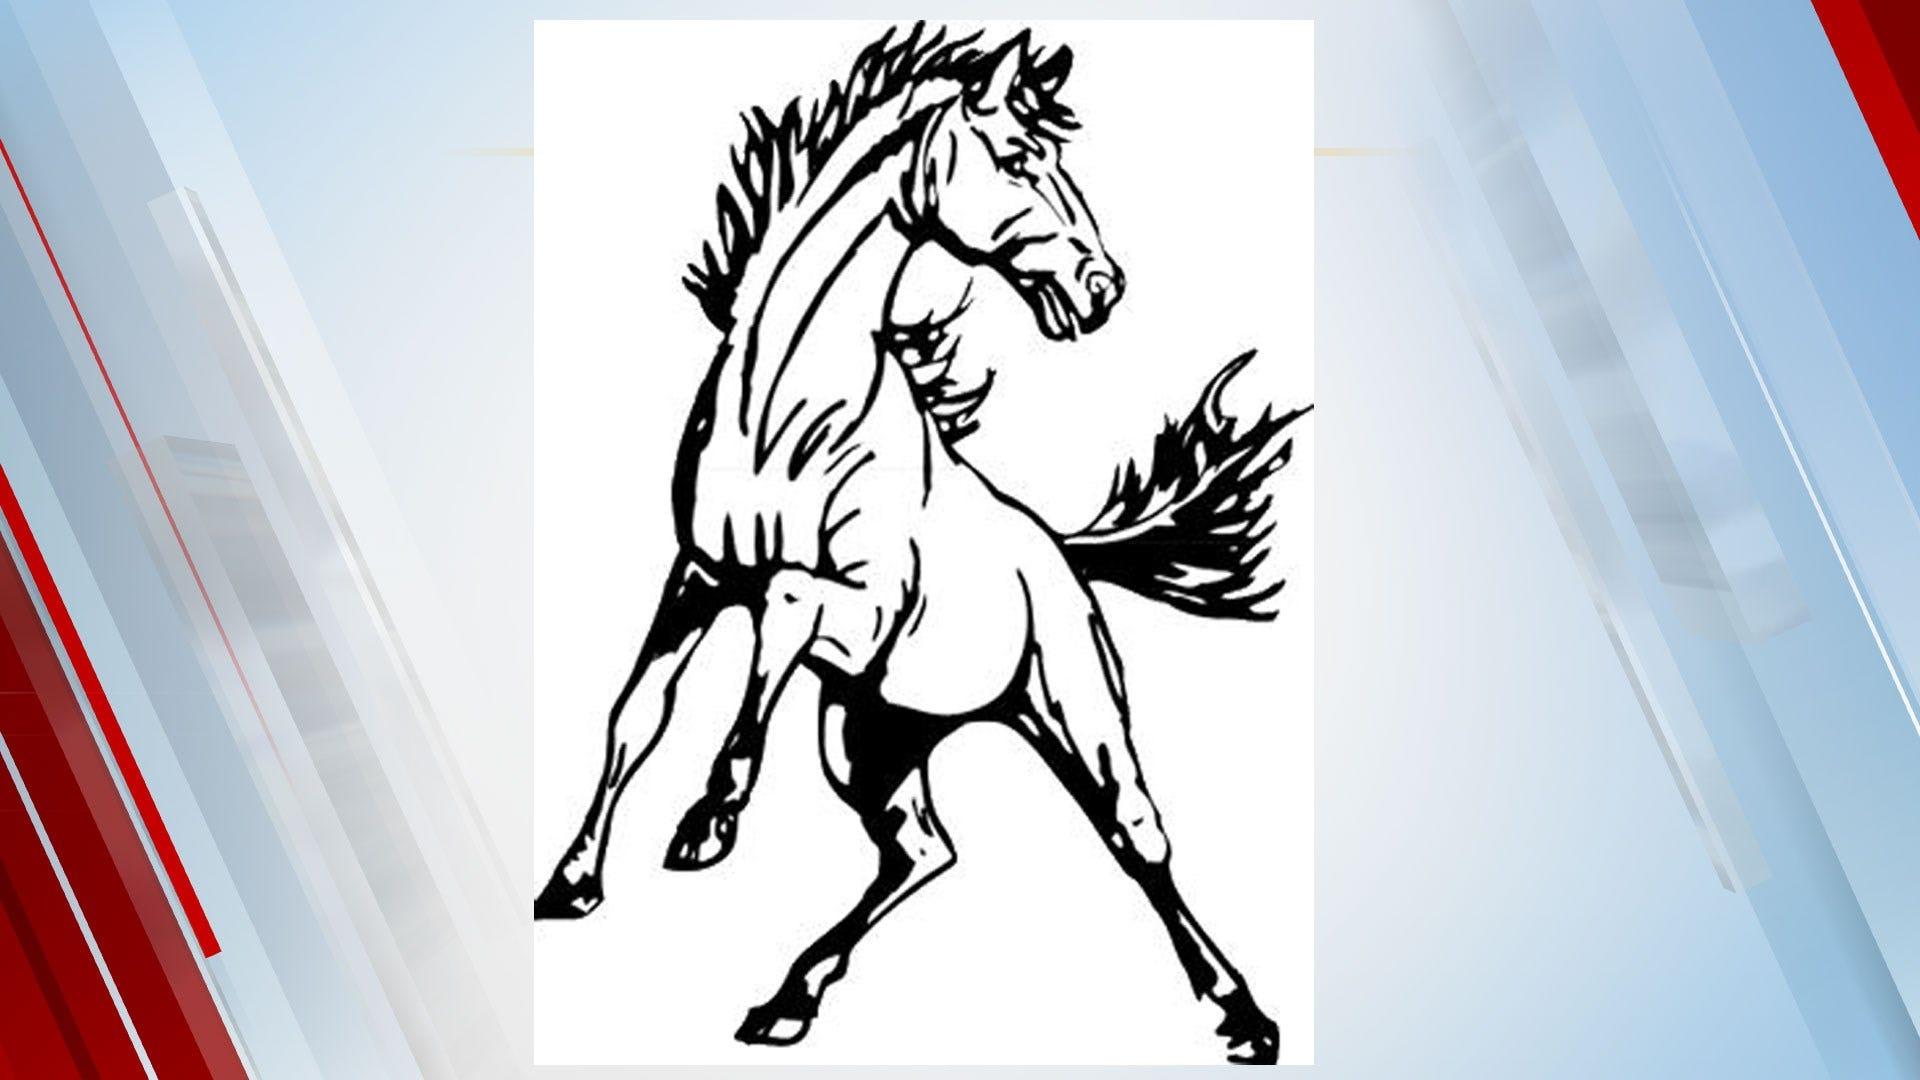 Threat Closes Fort Cobb-Broxton Public Schools Monday